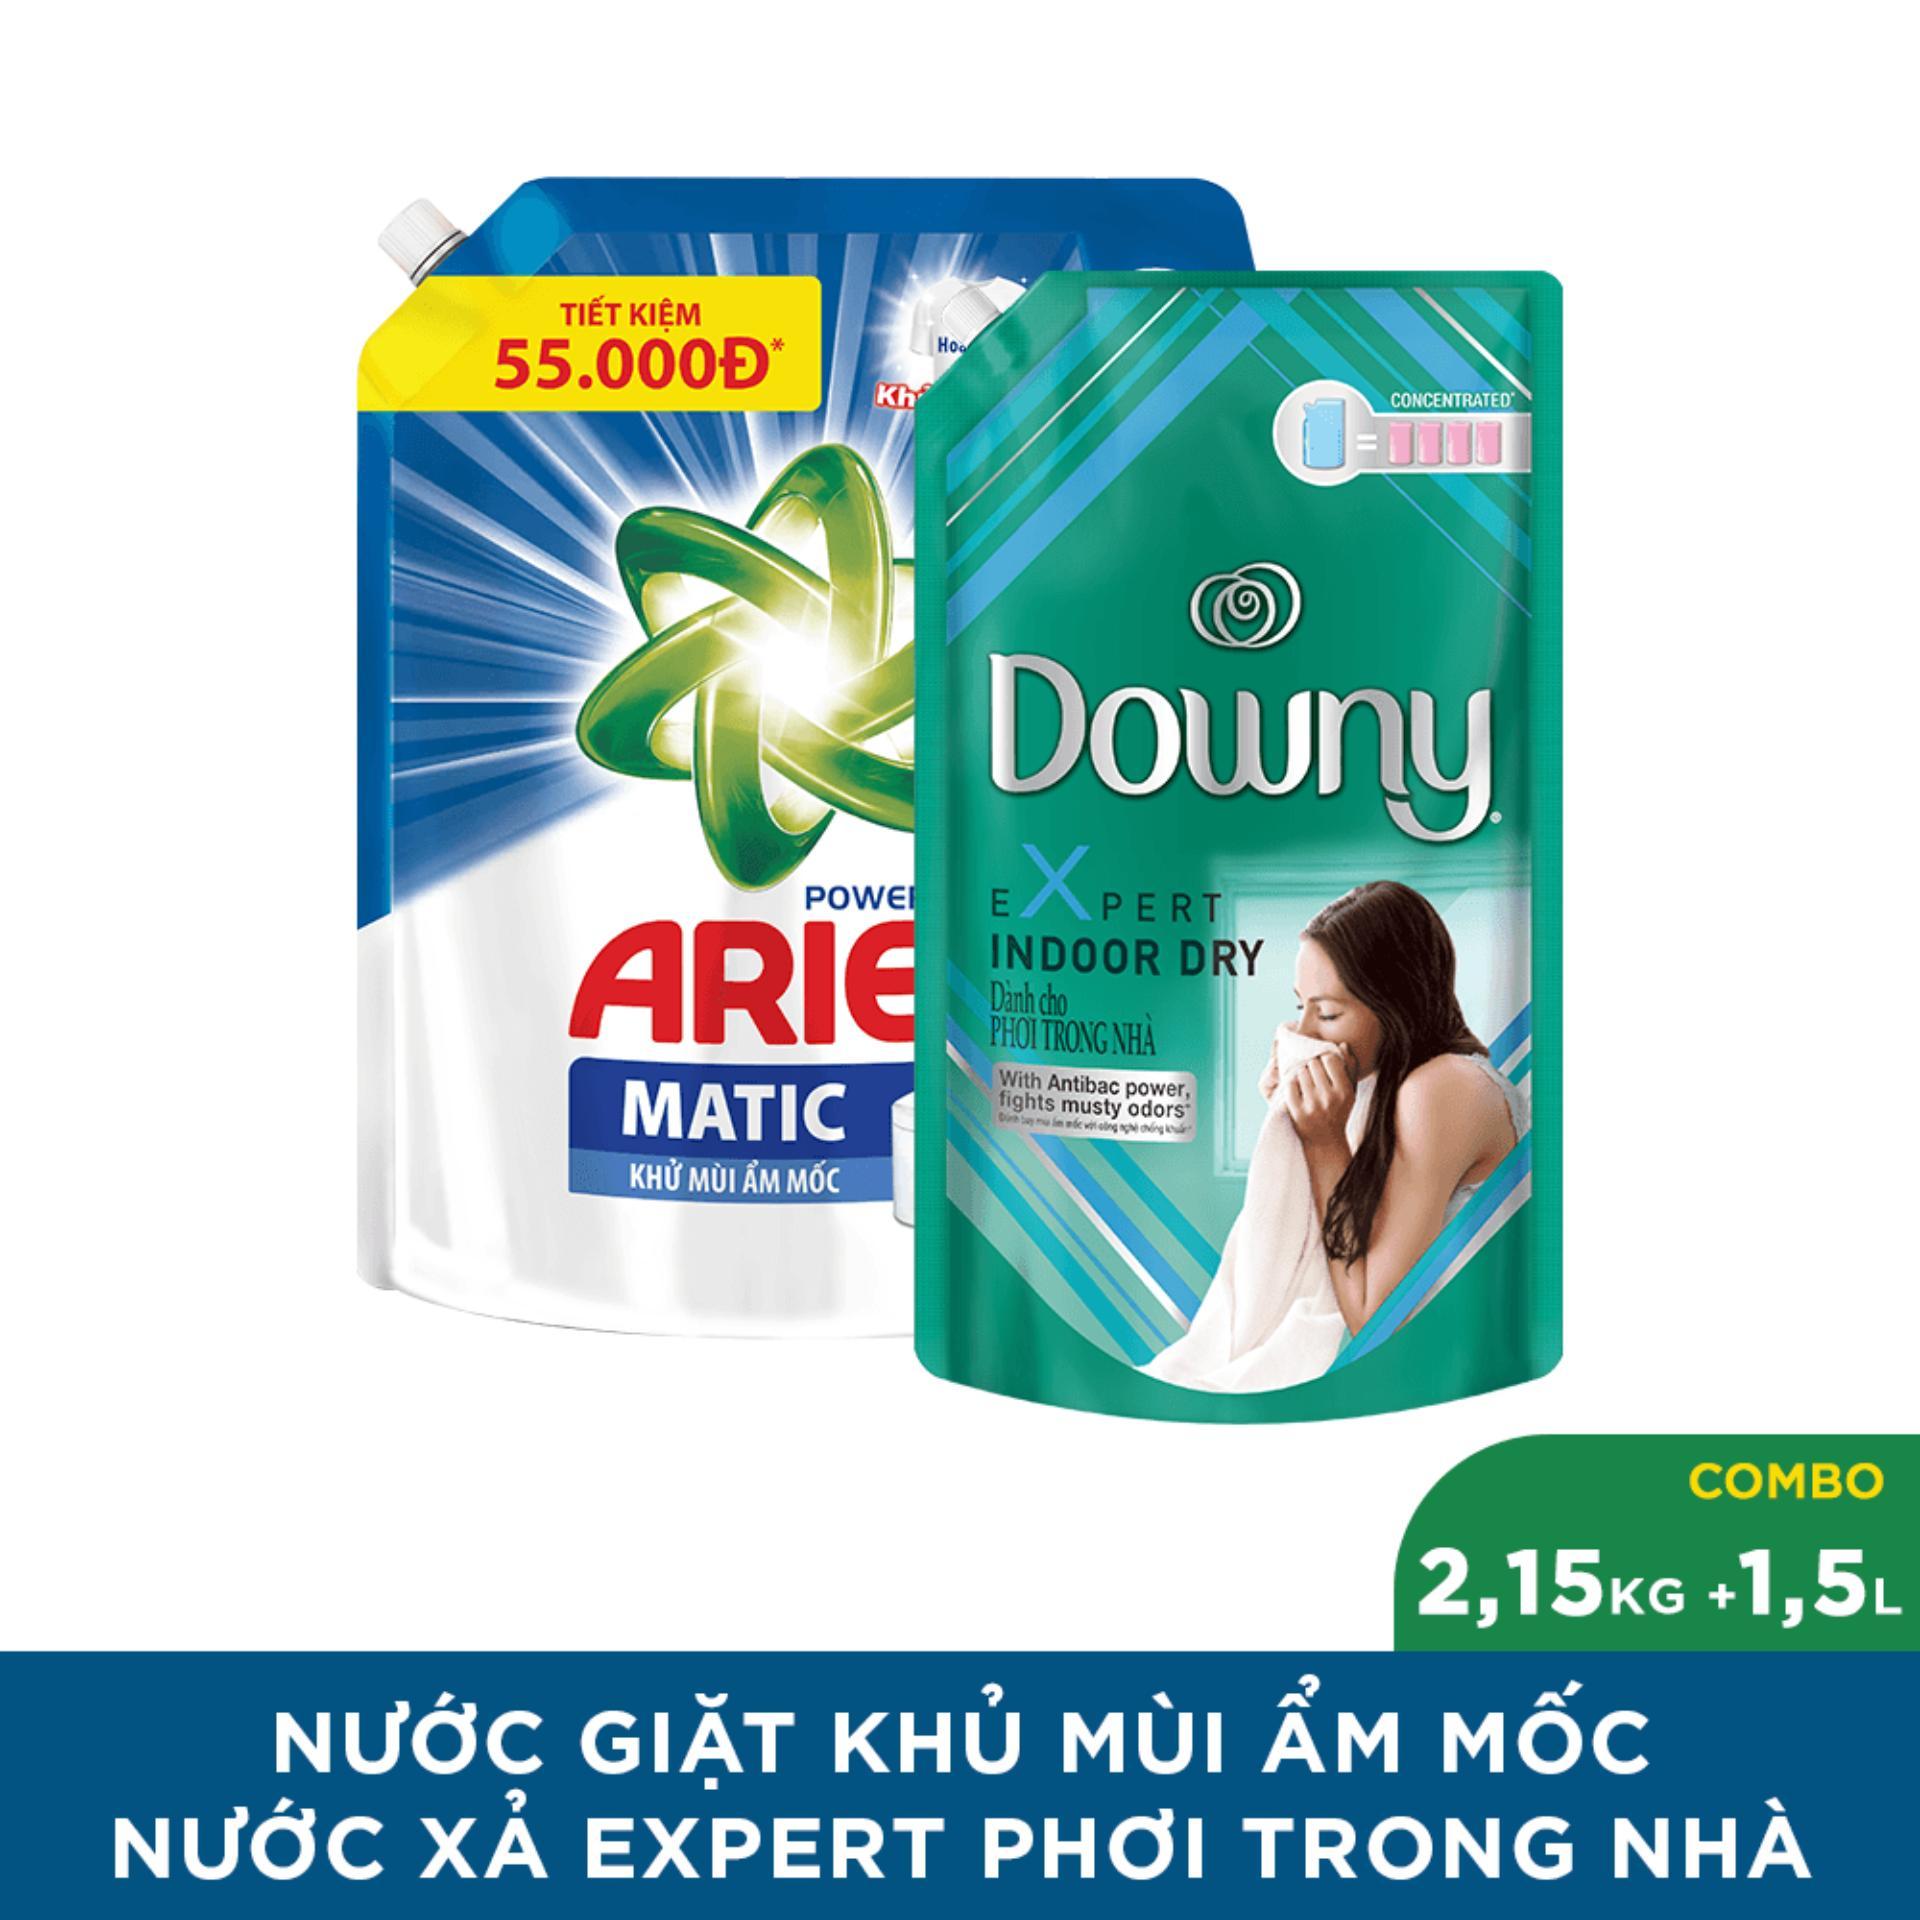 Combo túi nước giặt Ariel khử mùi ẩm mốc 2.15kg + túi xả vải Downy phơi trong nhà 1.5L